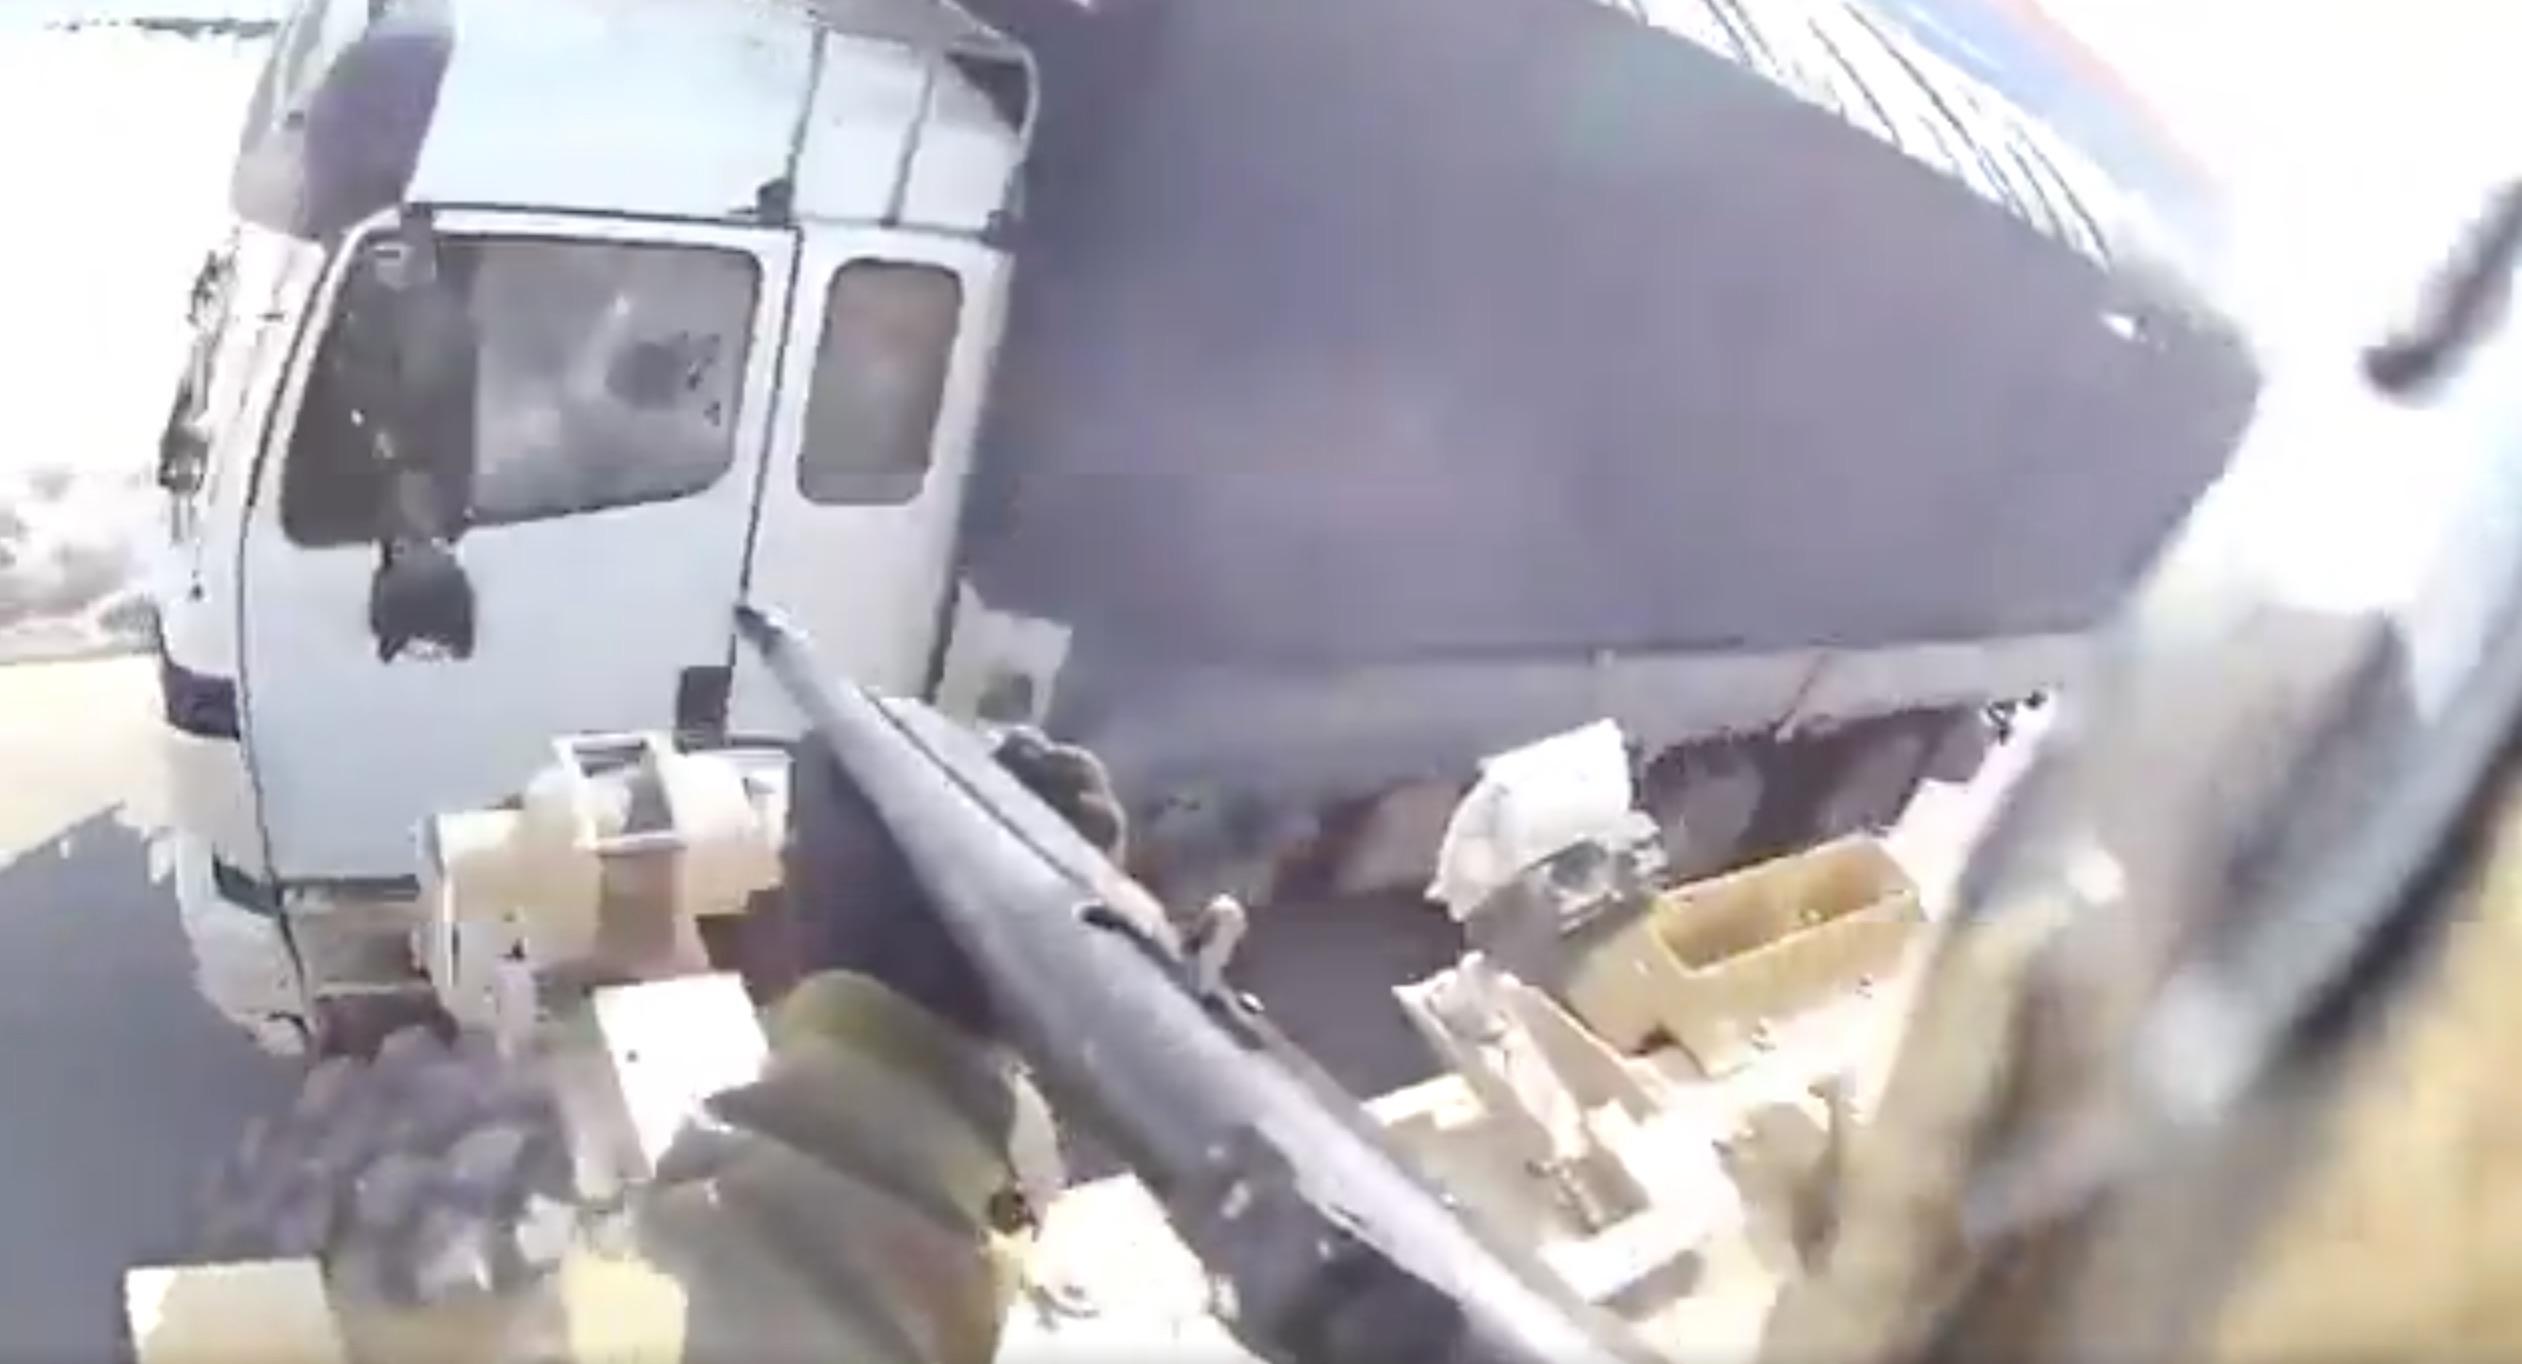 ABD askerinin vurduğu Afgan sivilin görüntülerini yayınlayan siteye soruşturma